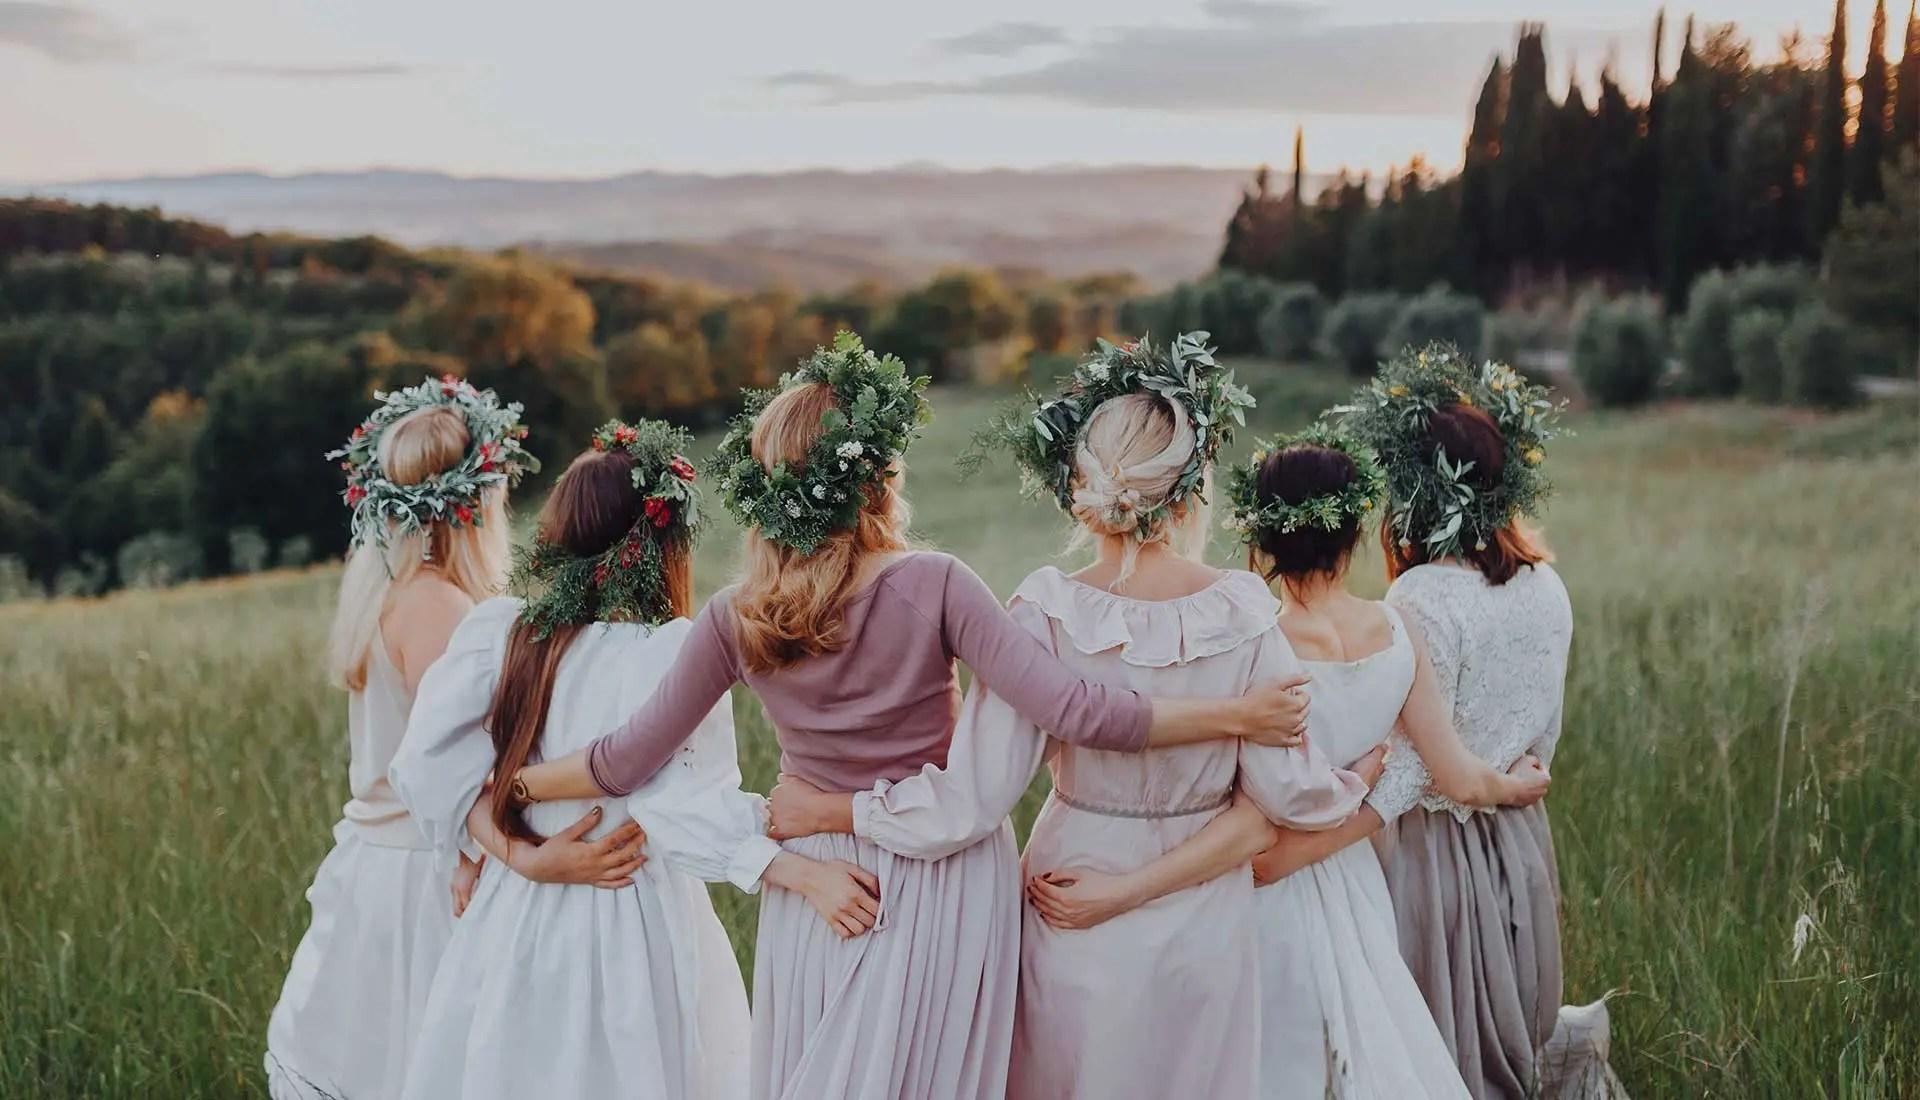 Bridesmaids embracing